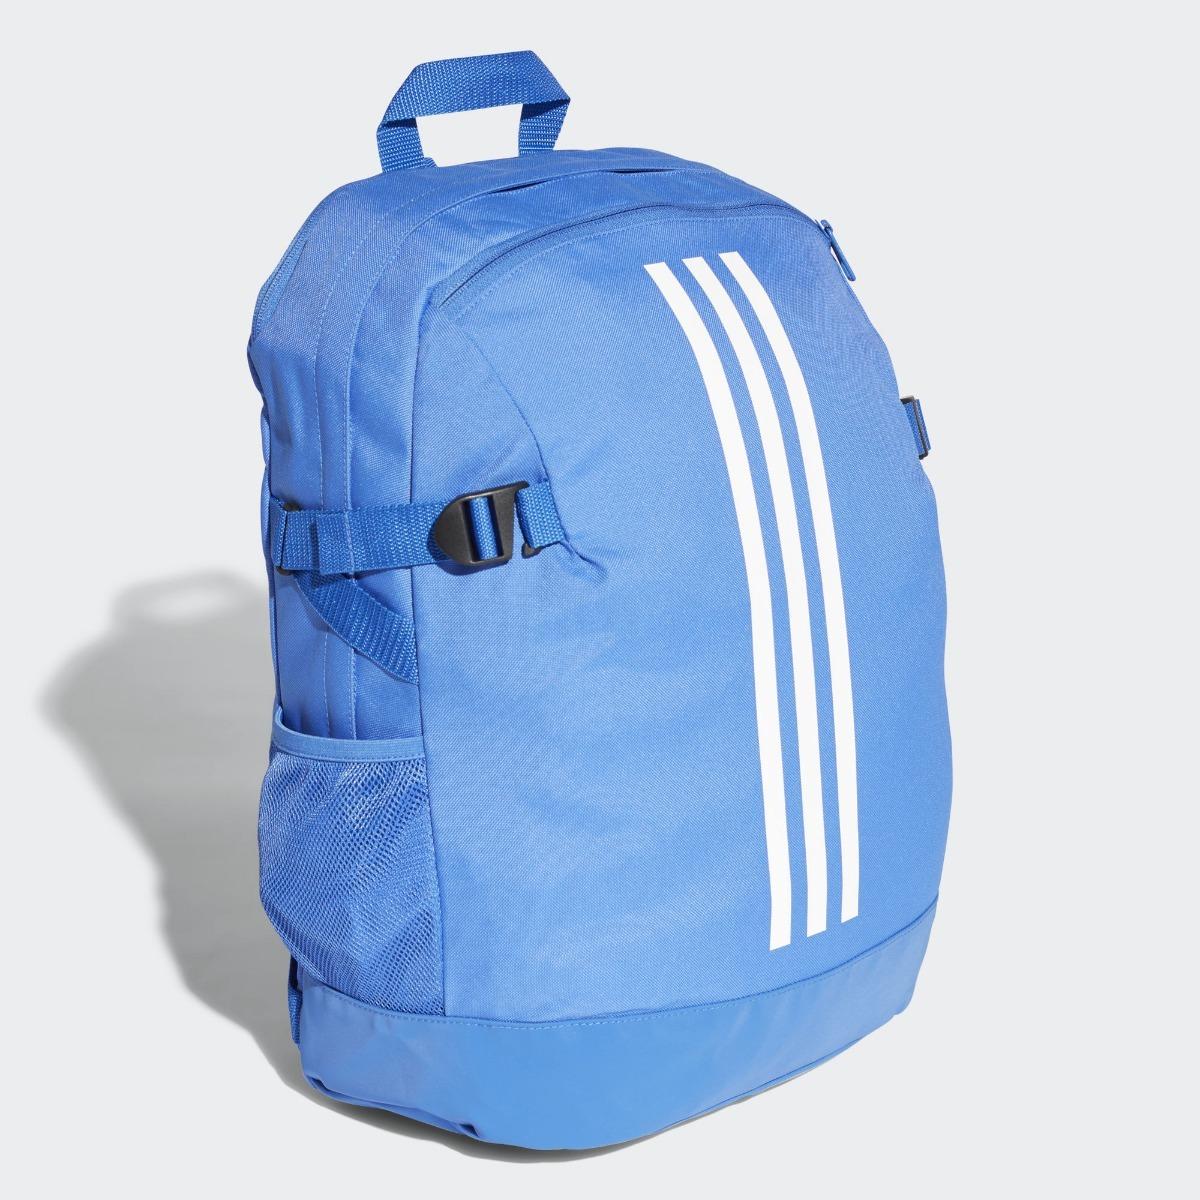 Azul Azul Adidas Power Mochila Power Mochila Adidas Adidas Mochila Azul Adidas Mochila Power hxrdCtsQ